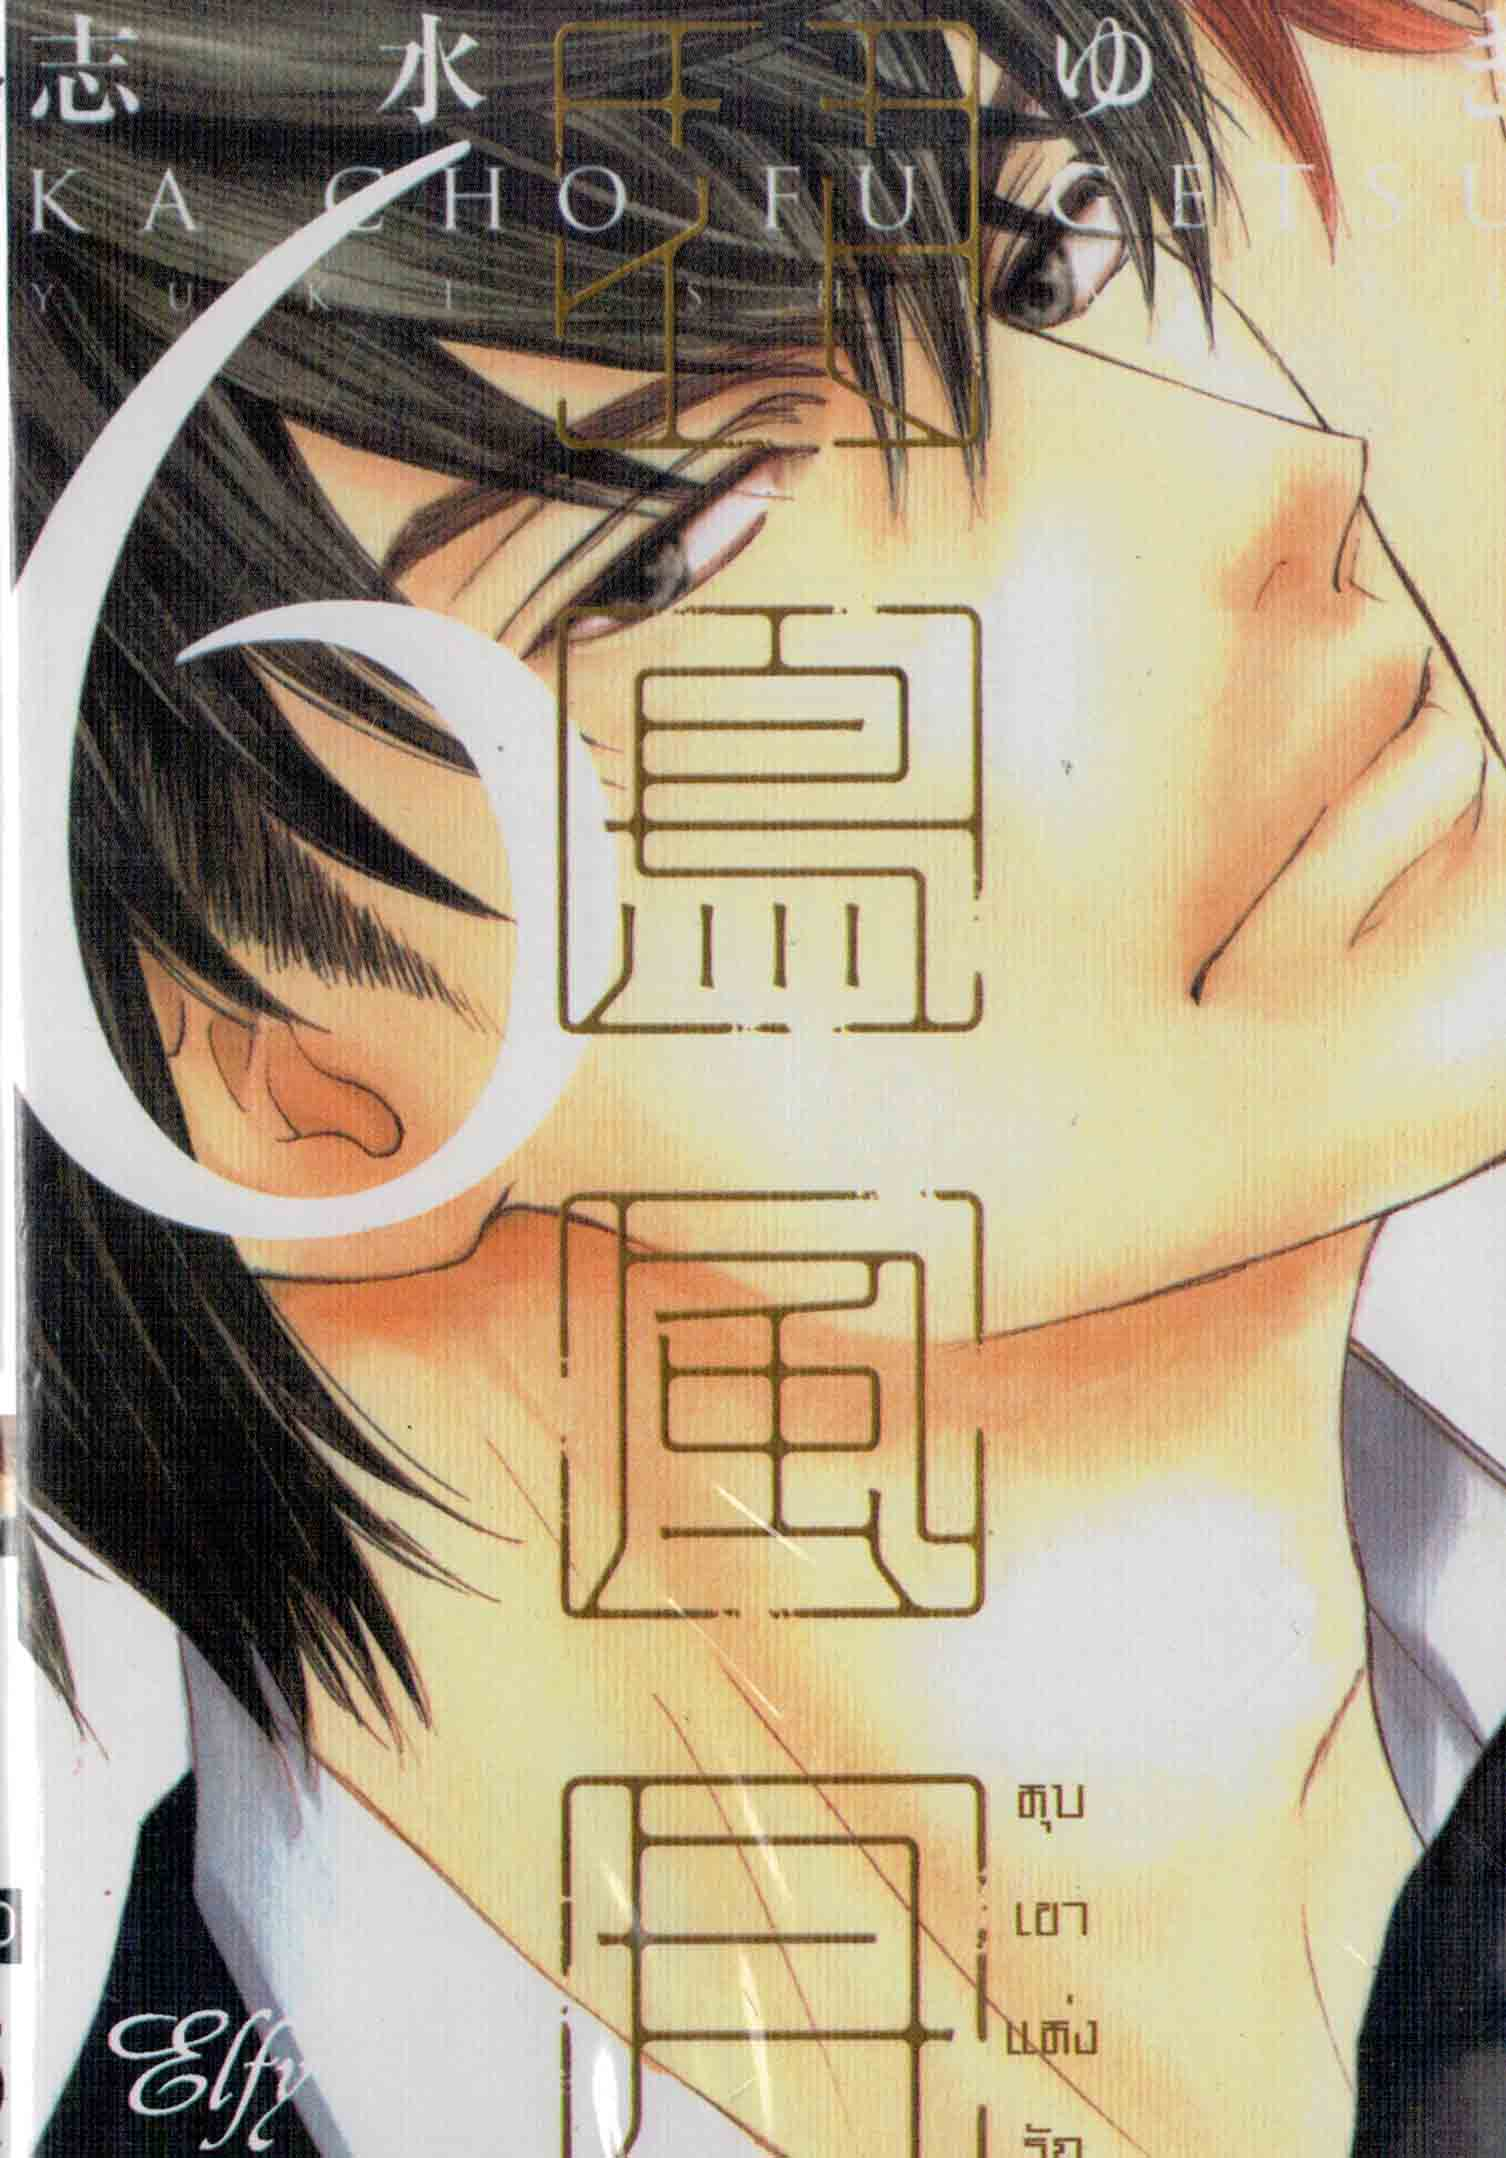 หุบเขาแห่งรัก เล่ม 06 : Yuki Shimizu